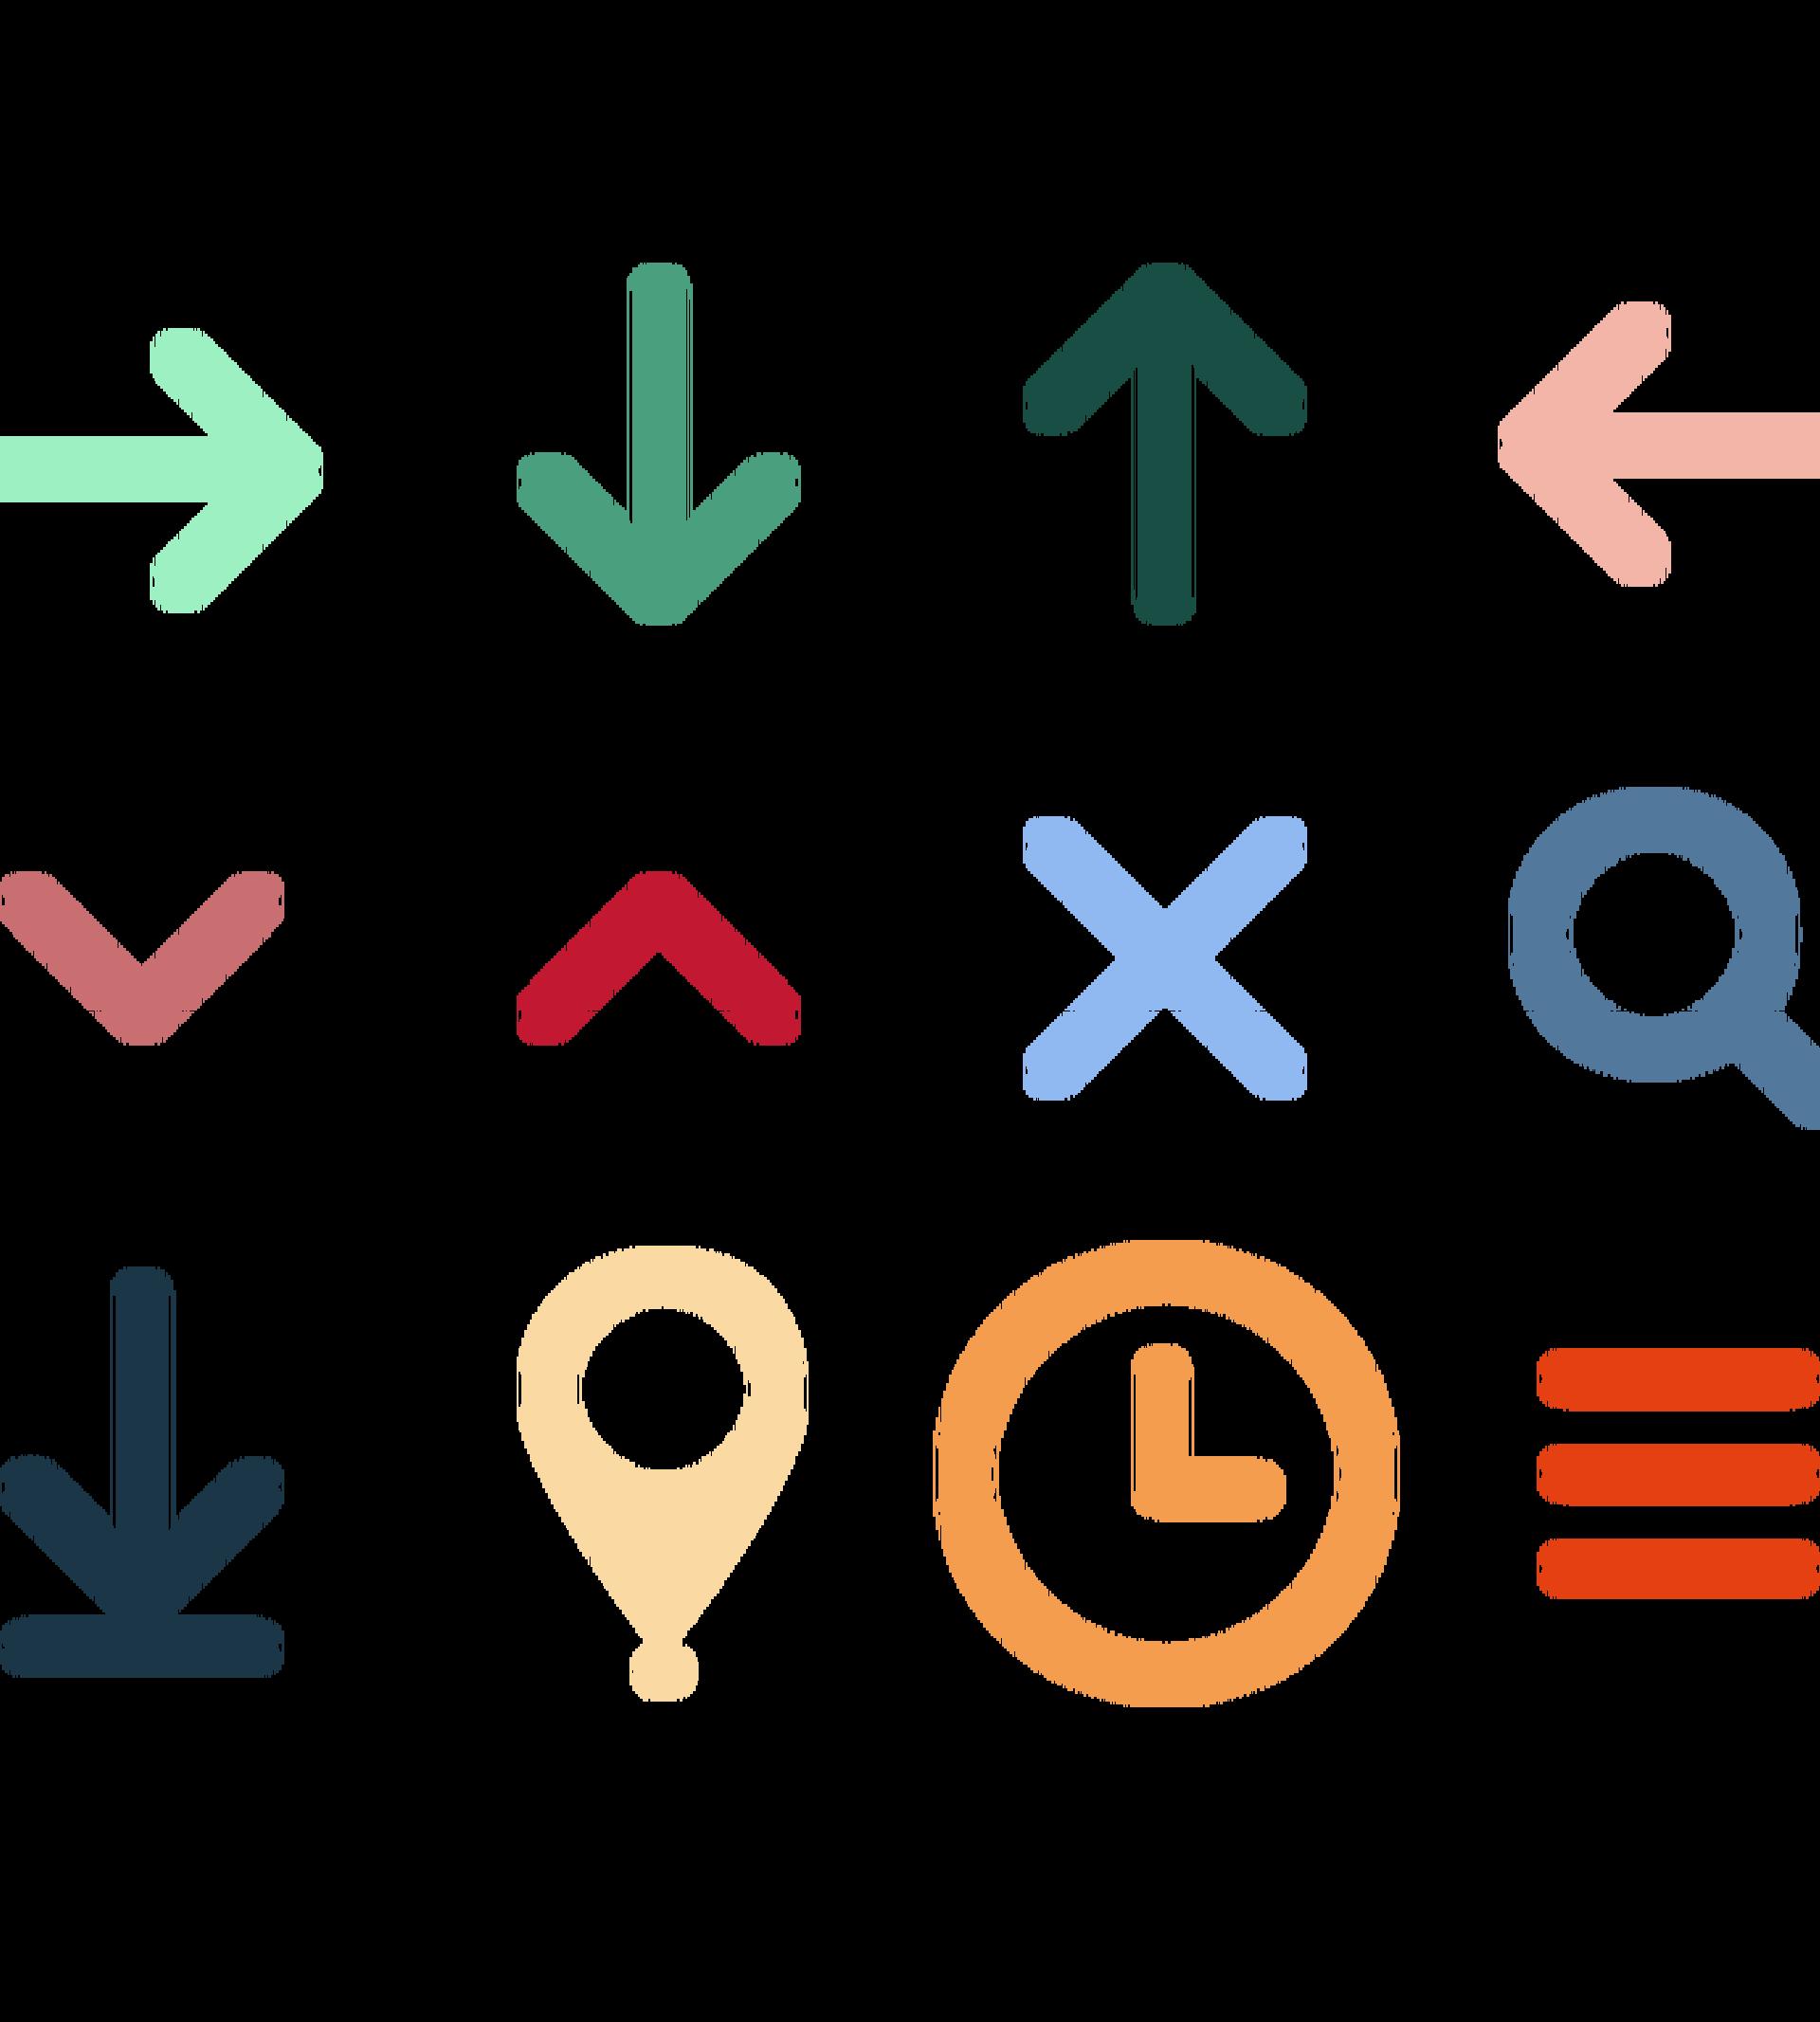 Exempel på ikoner i olika färger från nationalmuseum.se